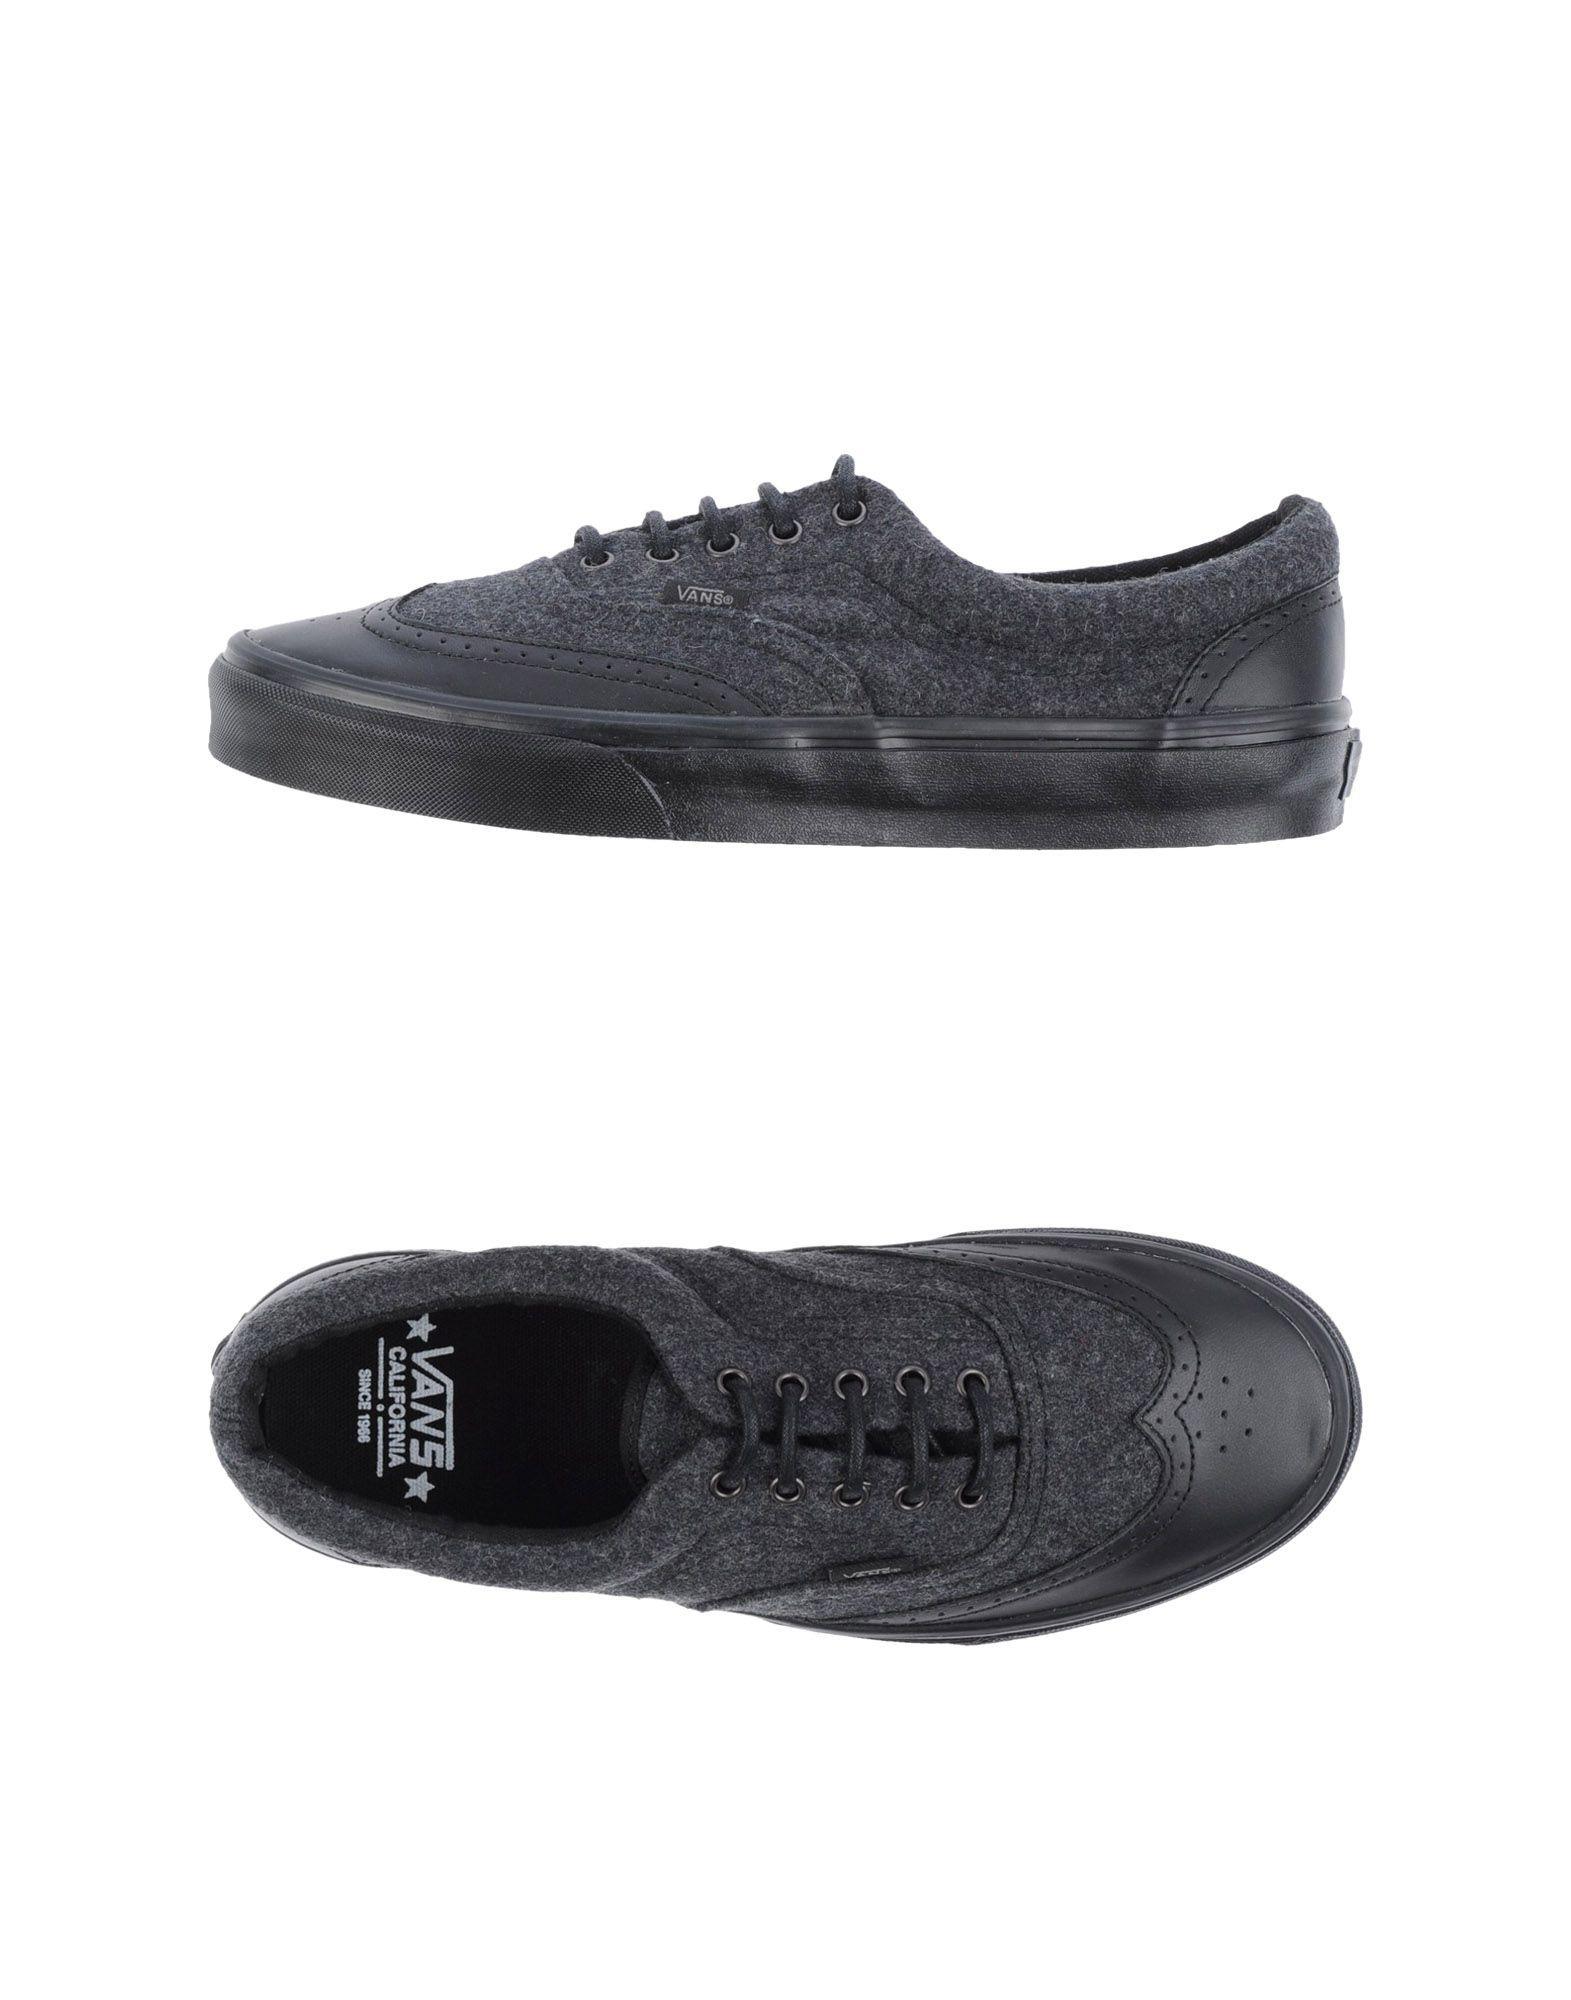 b836563542 Vans california Men - Footwear - Low-tops Vans california on YOOX ...